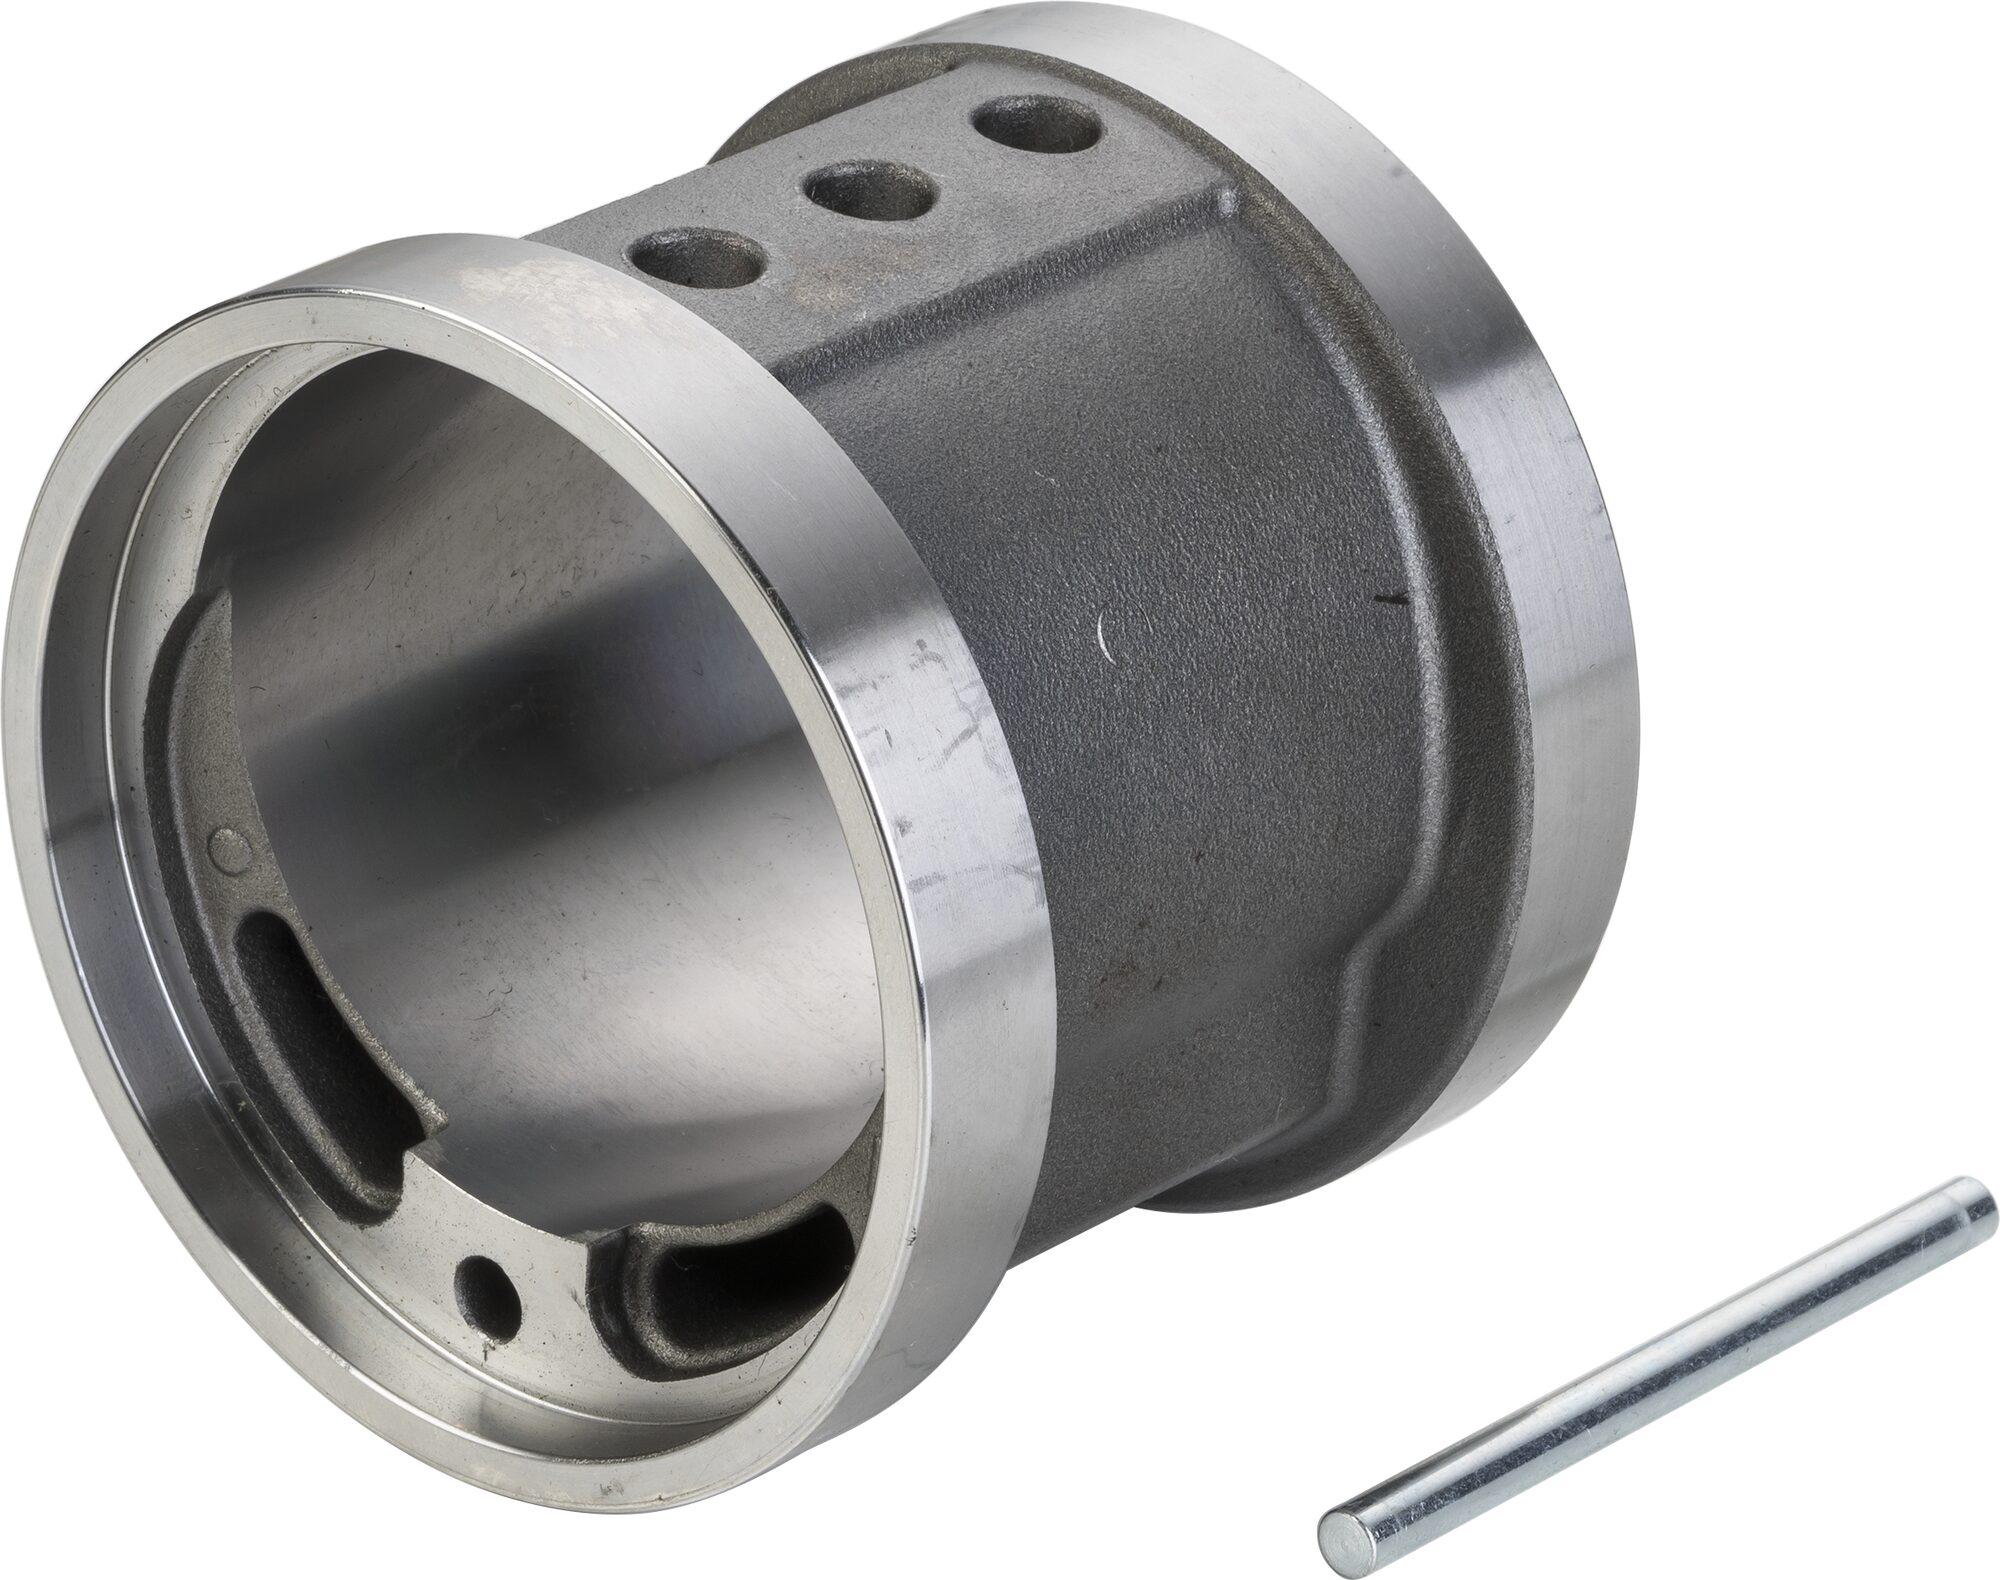 HAZET Zylinder 9014MG-14/2